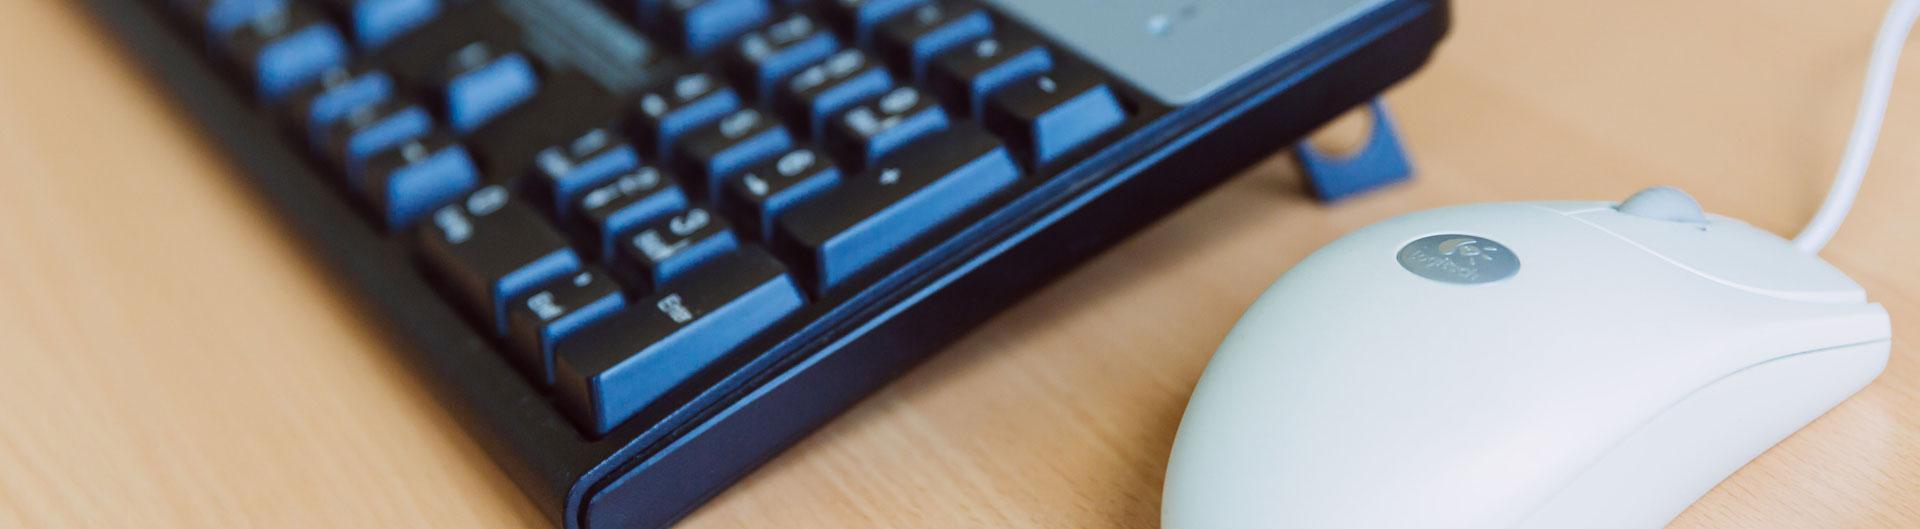 Das Bild zeigt eine Mouse und eine Tastatur in Nahaufnahme.